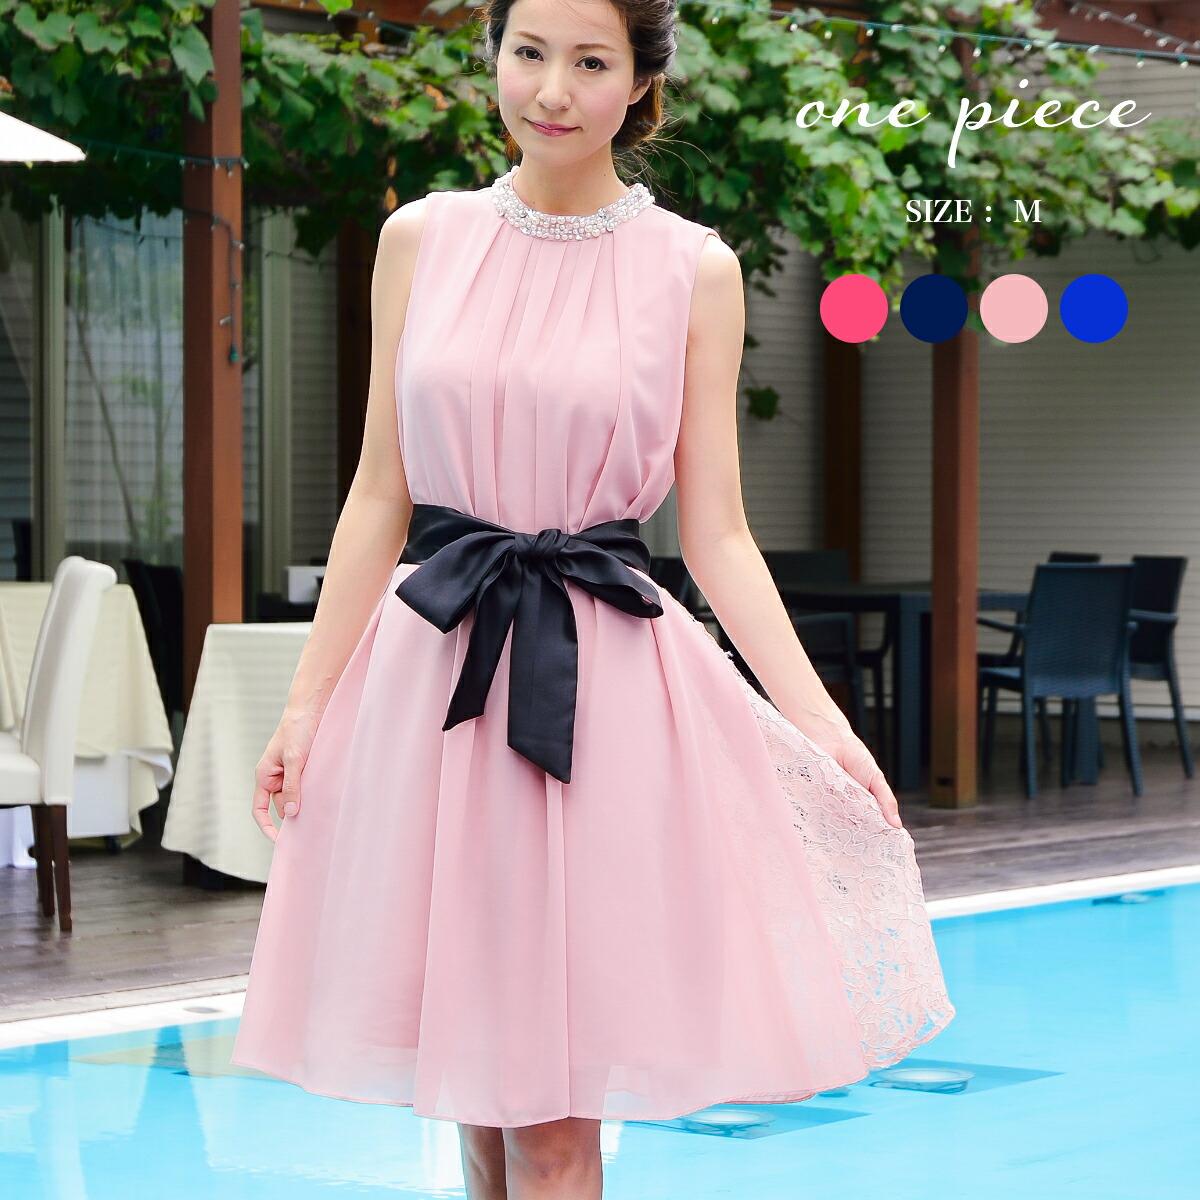 ba1cf98b8e9dc 楽天市場 パーティードレス 結婚式 ワンピース ドレス 春夏 20代 30代 ...